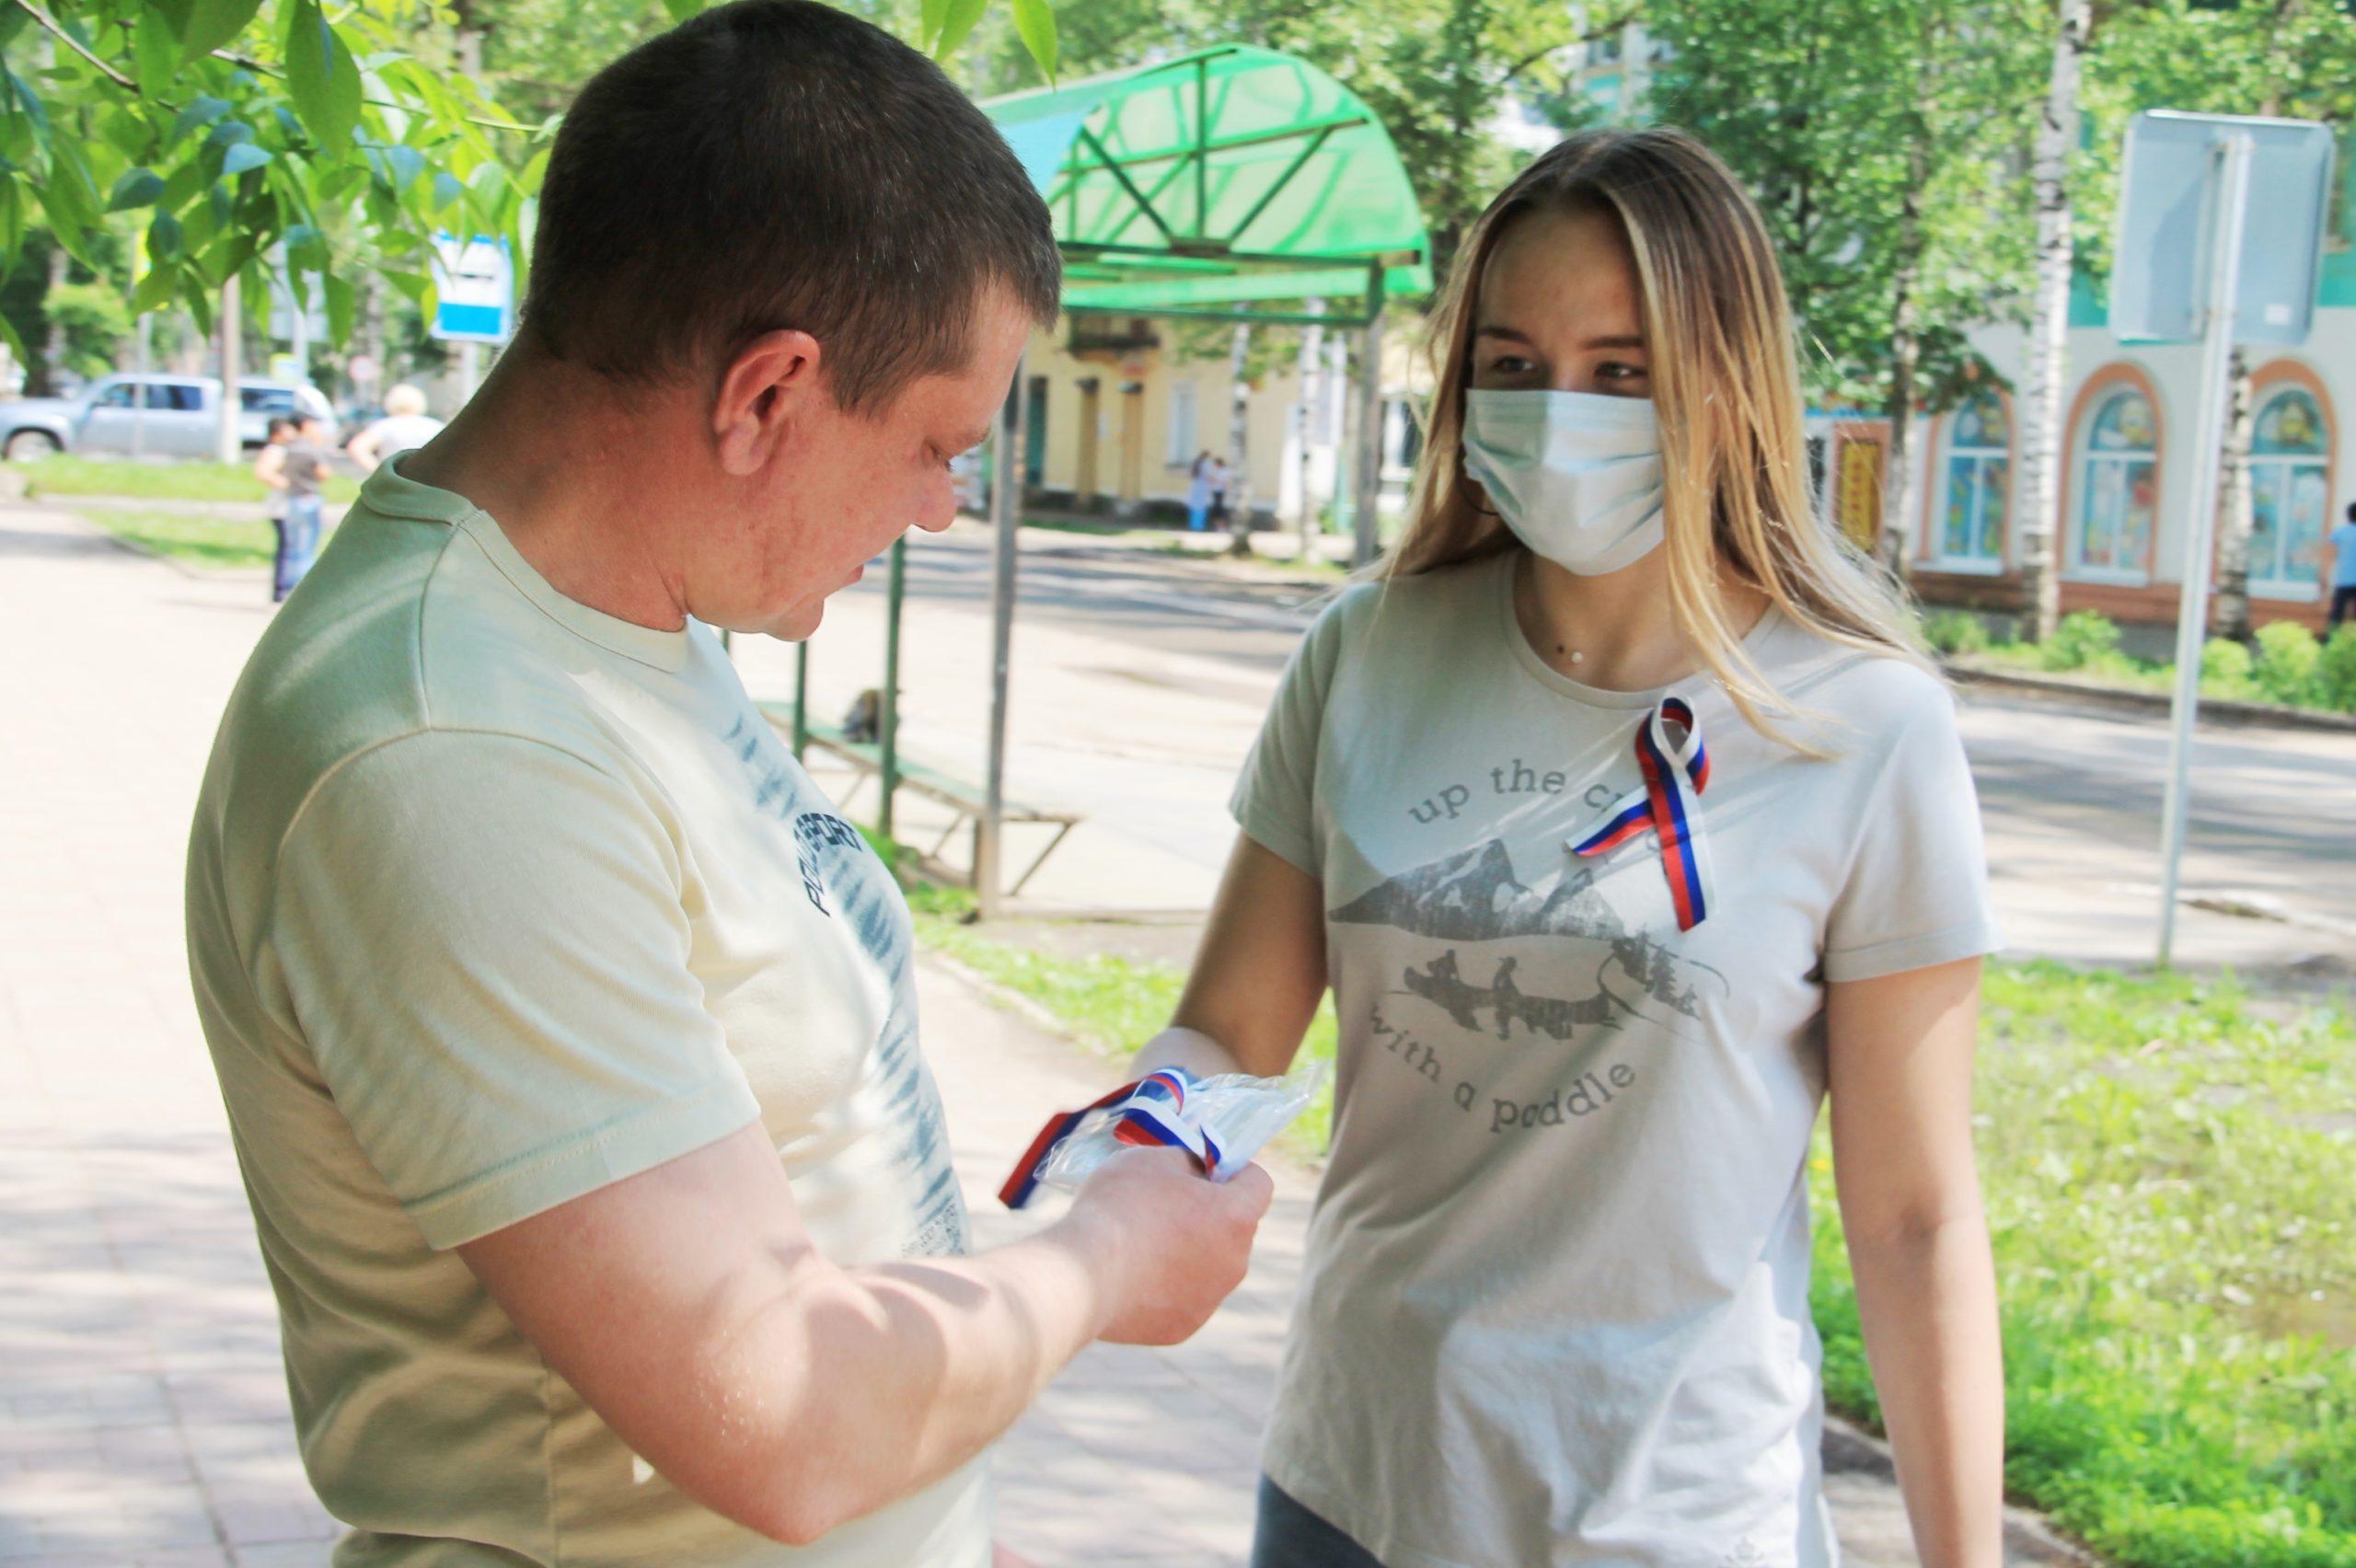 В Нелидово раздали пять тысяч лент в честь Дня России